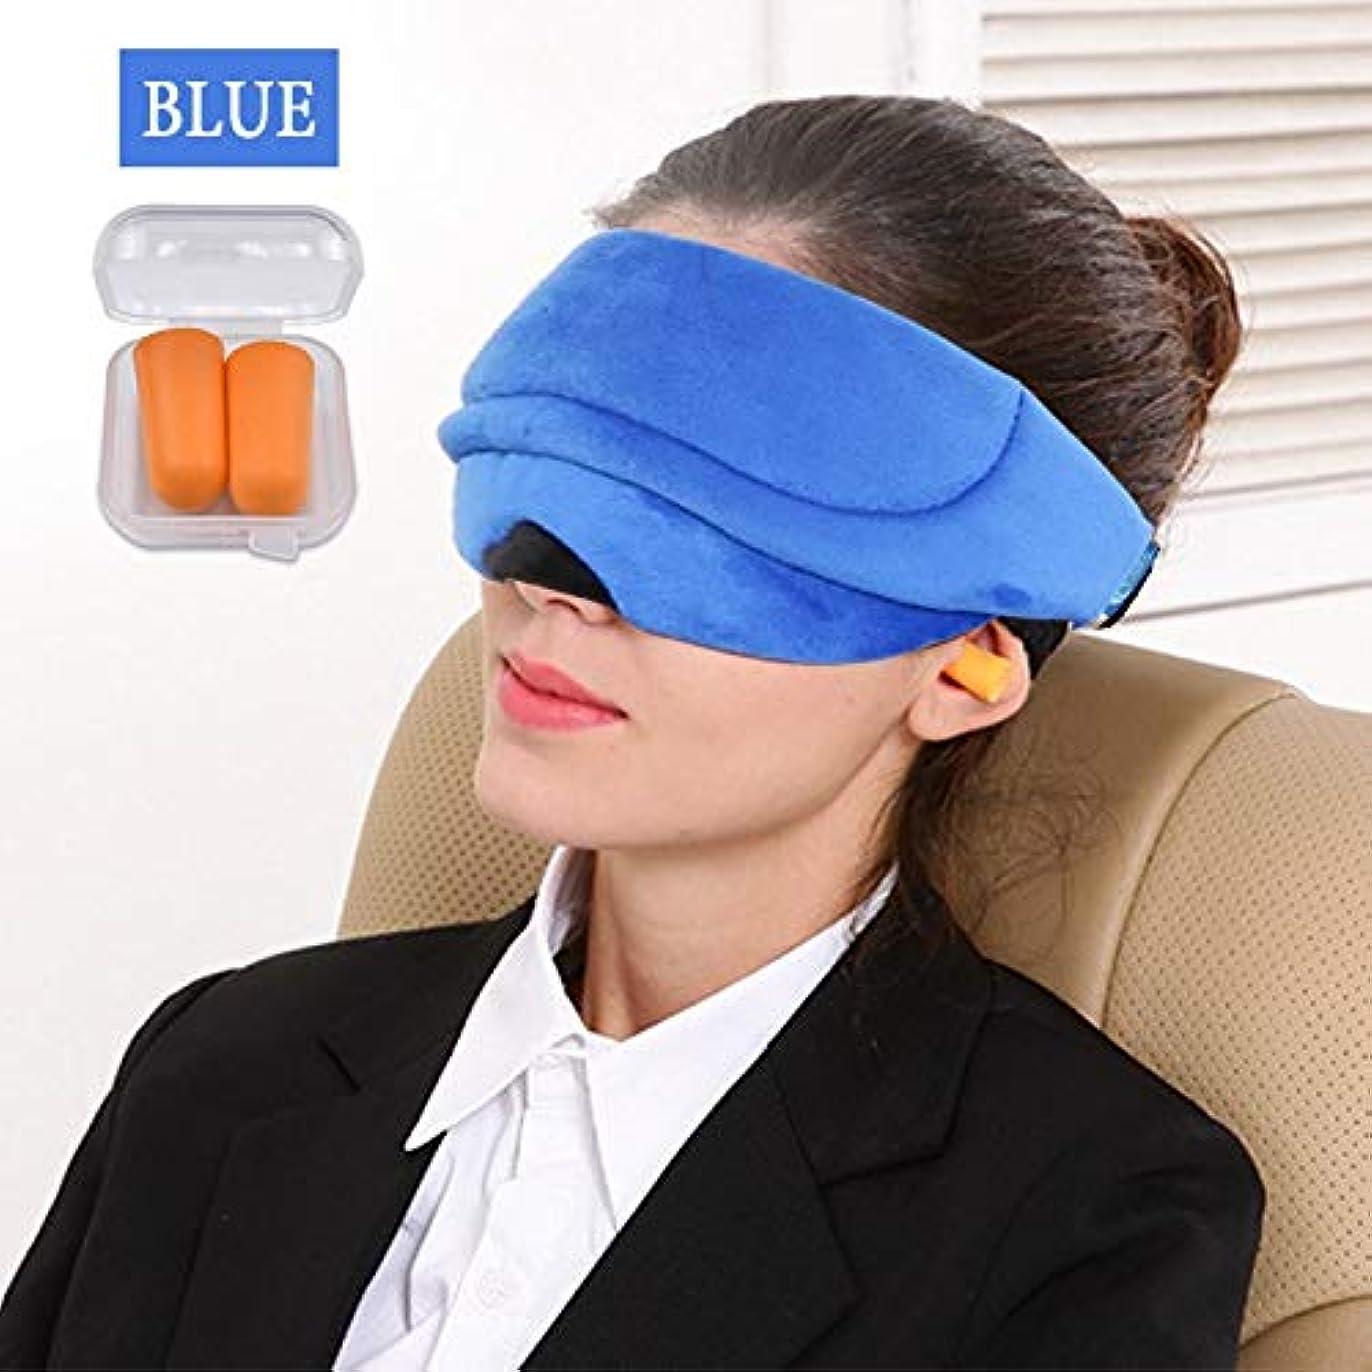 重要性妥協破壊的NOTE 3d睡眠マスク睡眠補助アイマスクアイシェードカバーアイパッチ旅行の残りの部分通気性のベルベット生地目隠し包帯アイパッチ